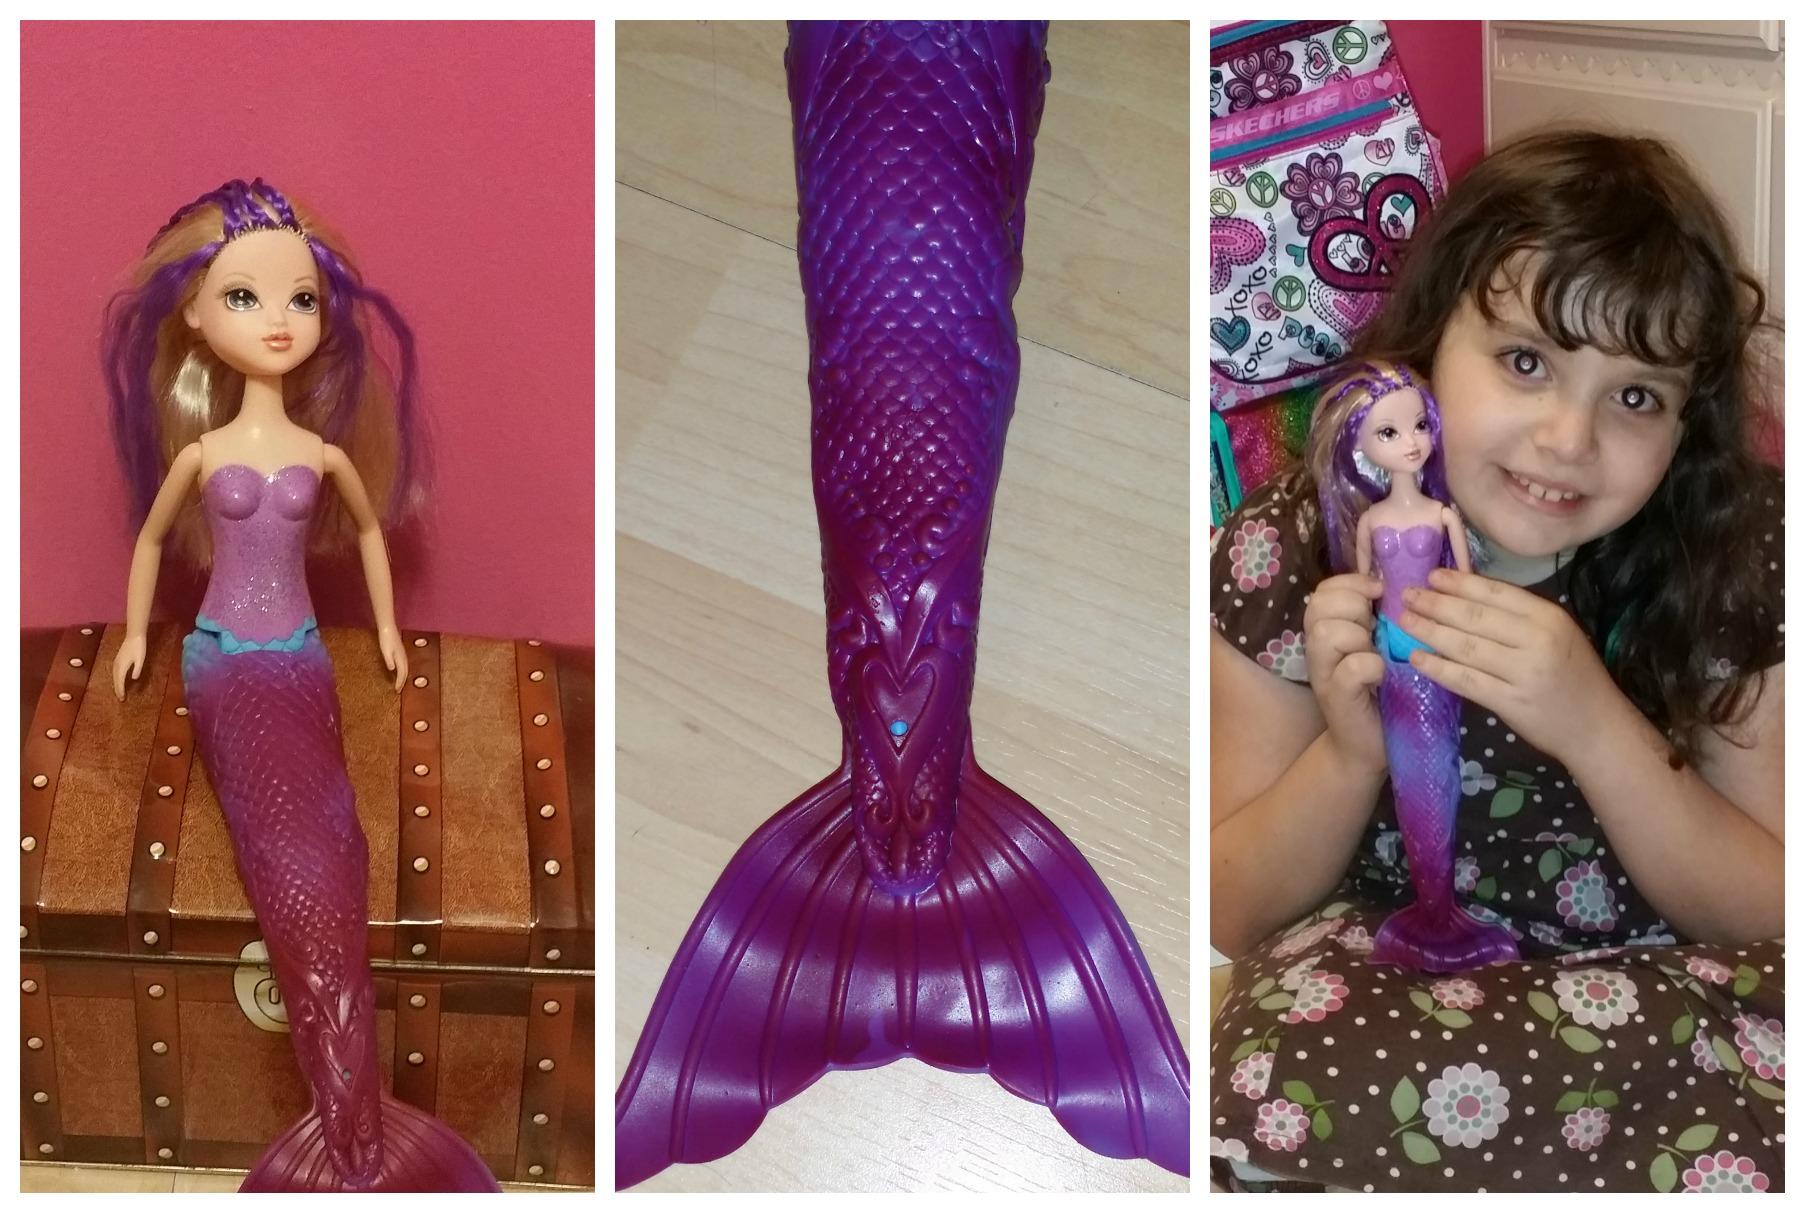 lalaloopsy girls doll lalaloopsy tinies and moxie girlz mermaid